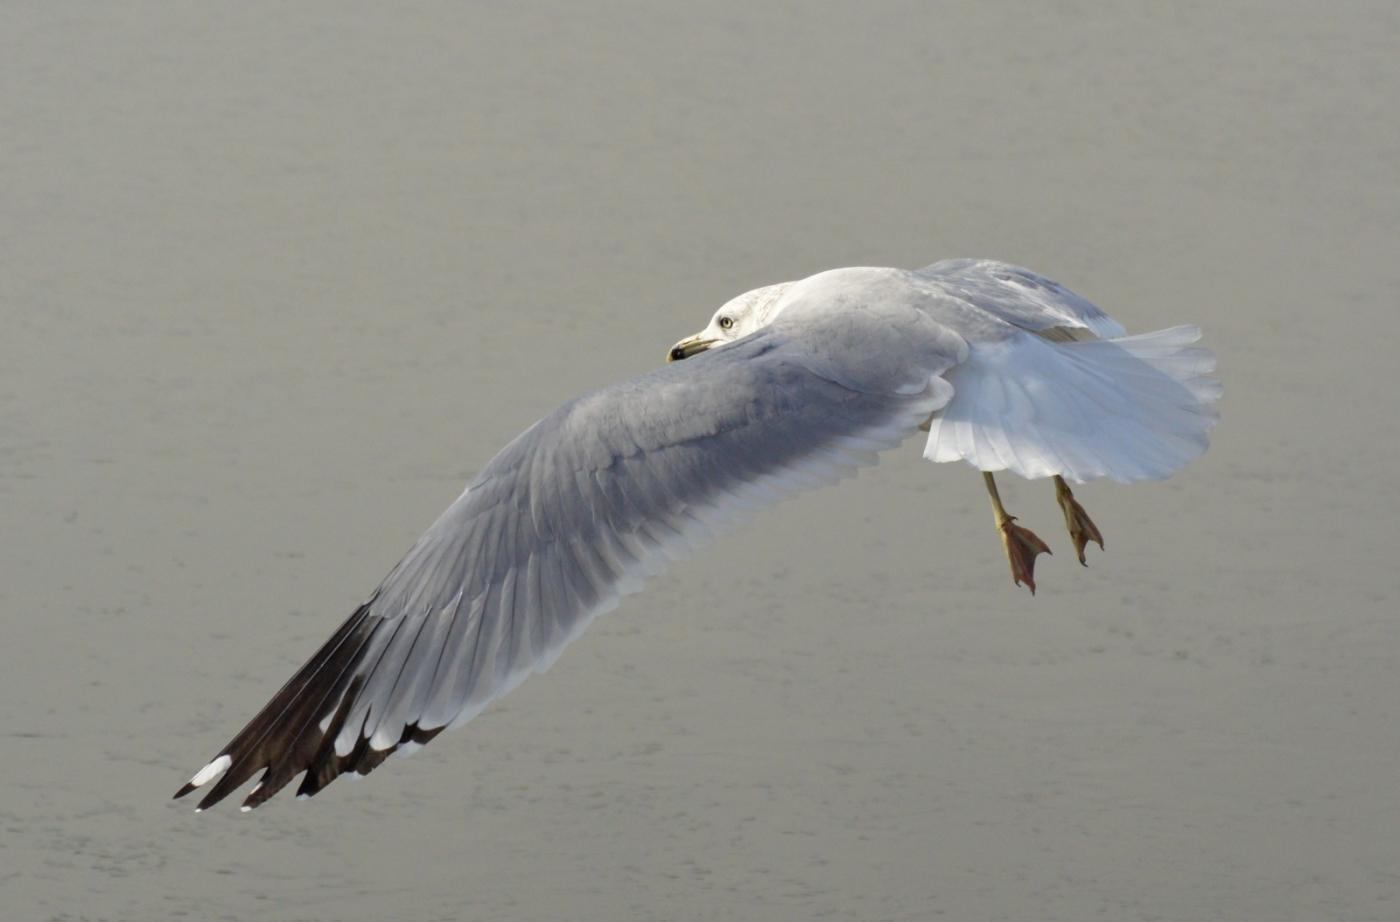 海鸥飞翔_图1-13